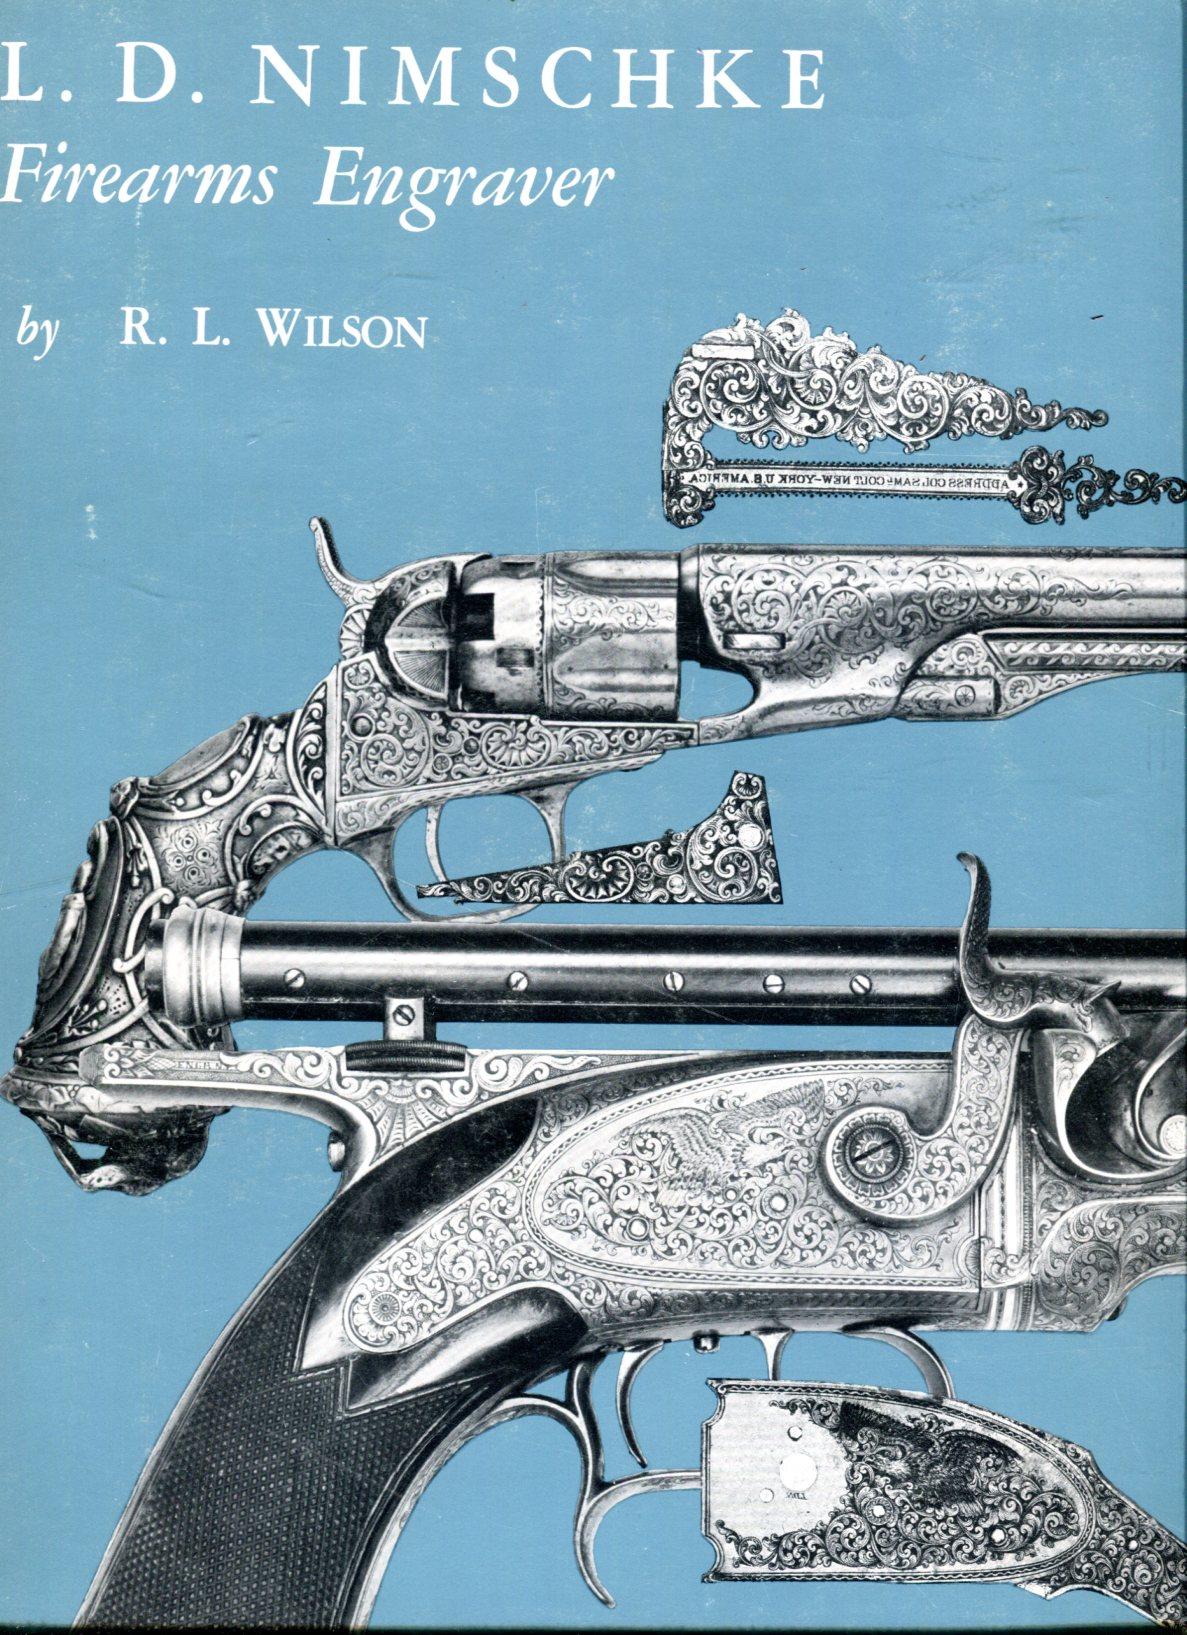 L.D. Nimschke Firearms Engraver